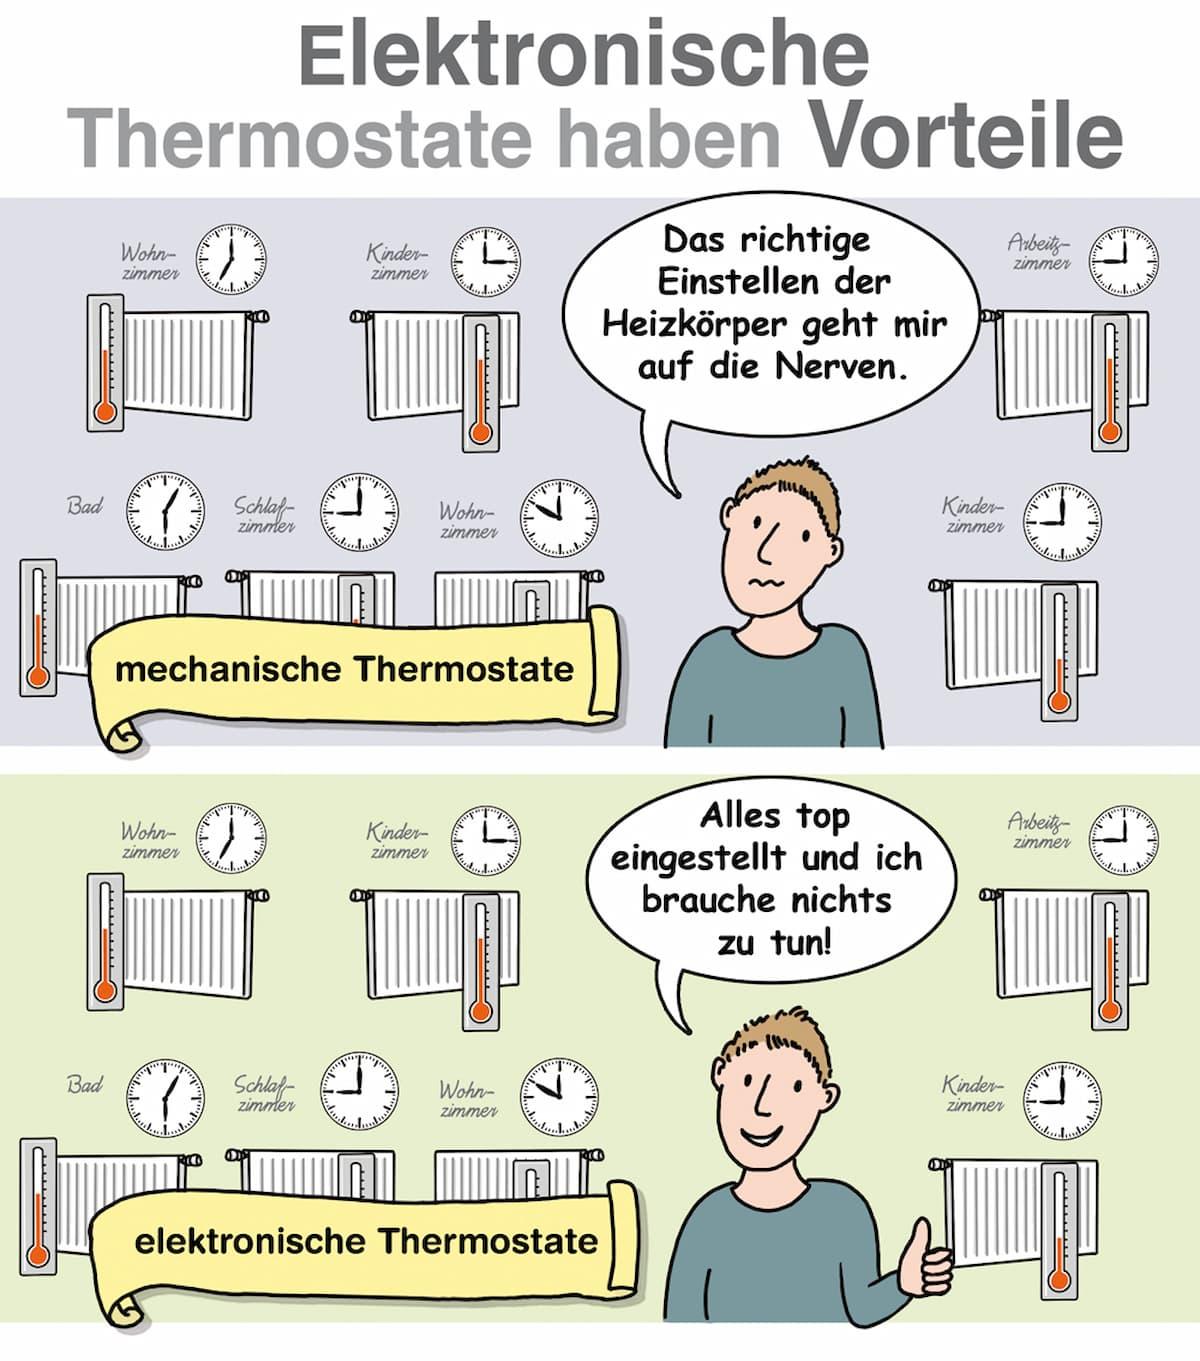 Vorteile elektronischer Thermostate